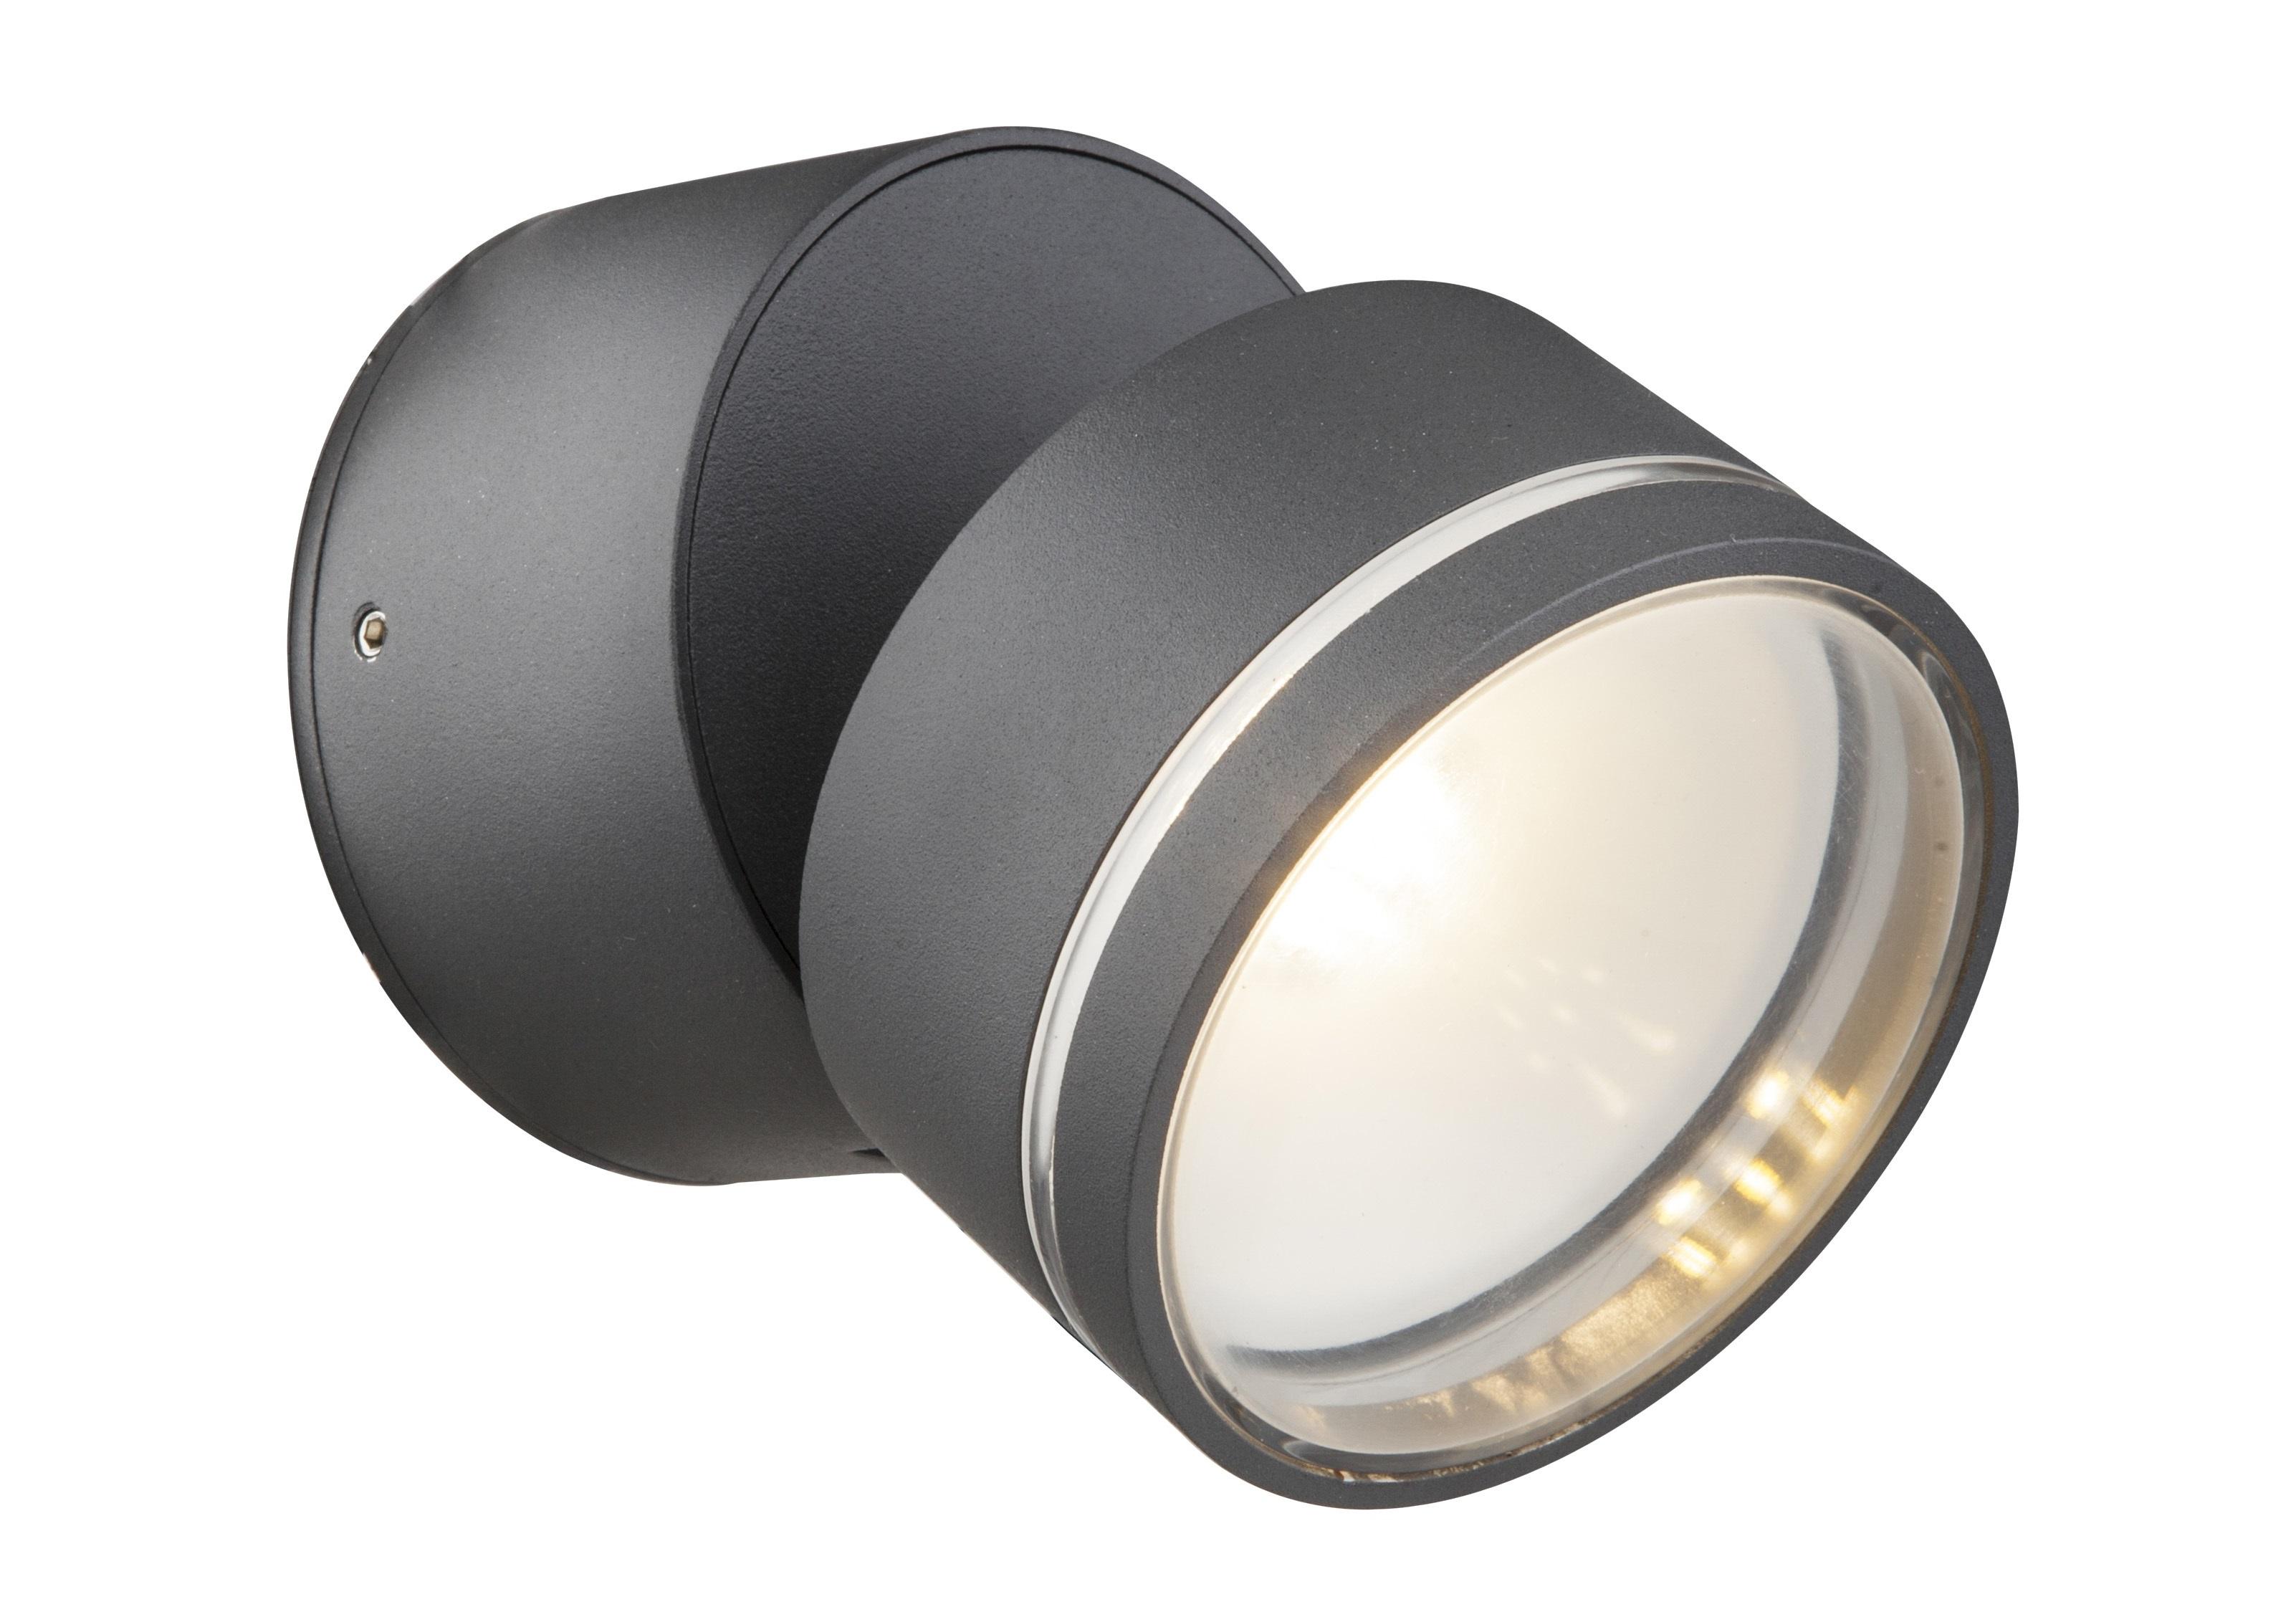 Светильник уличныйУличные настенные светильники<br>&amp;lt;div&amp;gt;Тип цоколя: LED&amp;lt;/div&amp;gt;&amp;lt;div&amp;gt;Мощность: 6W&amp;lt;/div&amp;gt;&amp;lt;div&amp;gt;Кол-во ламп: 1 (в комплекте)&amp;lt;/div&amp;gt;&amp;lt;div&amp;gt;&amp;lt;br&amp;gt;&amp;lt;/div&amp;gt;<br><br>Material: Металл<br>Length см: None<br>Width см: 10<br>Depth см: 14,1<br>Height см: 10<br>Diameter см: 9,2